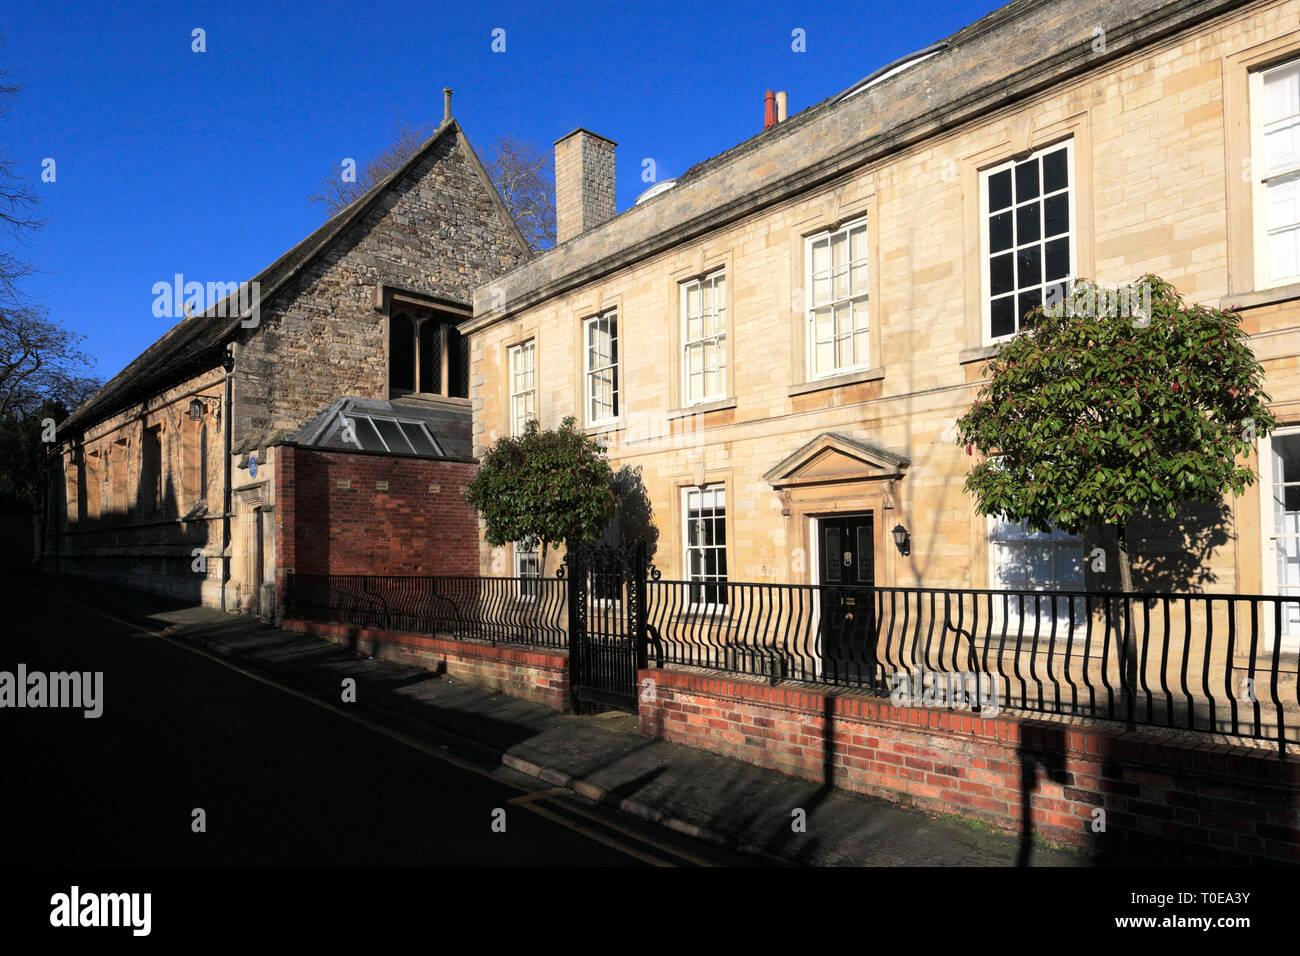 Los reyes school hall, Castlegate, ciudad Grantham, Lincolnshire, Inglaterra, Reino Unido Foto de stock